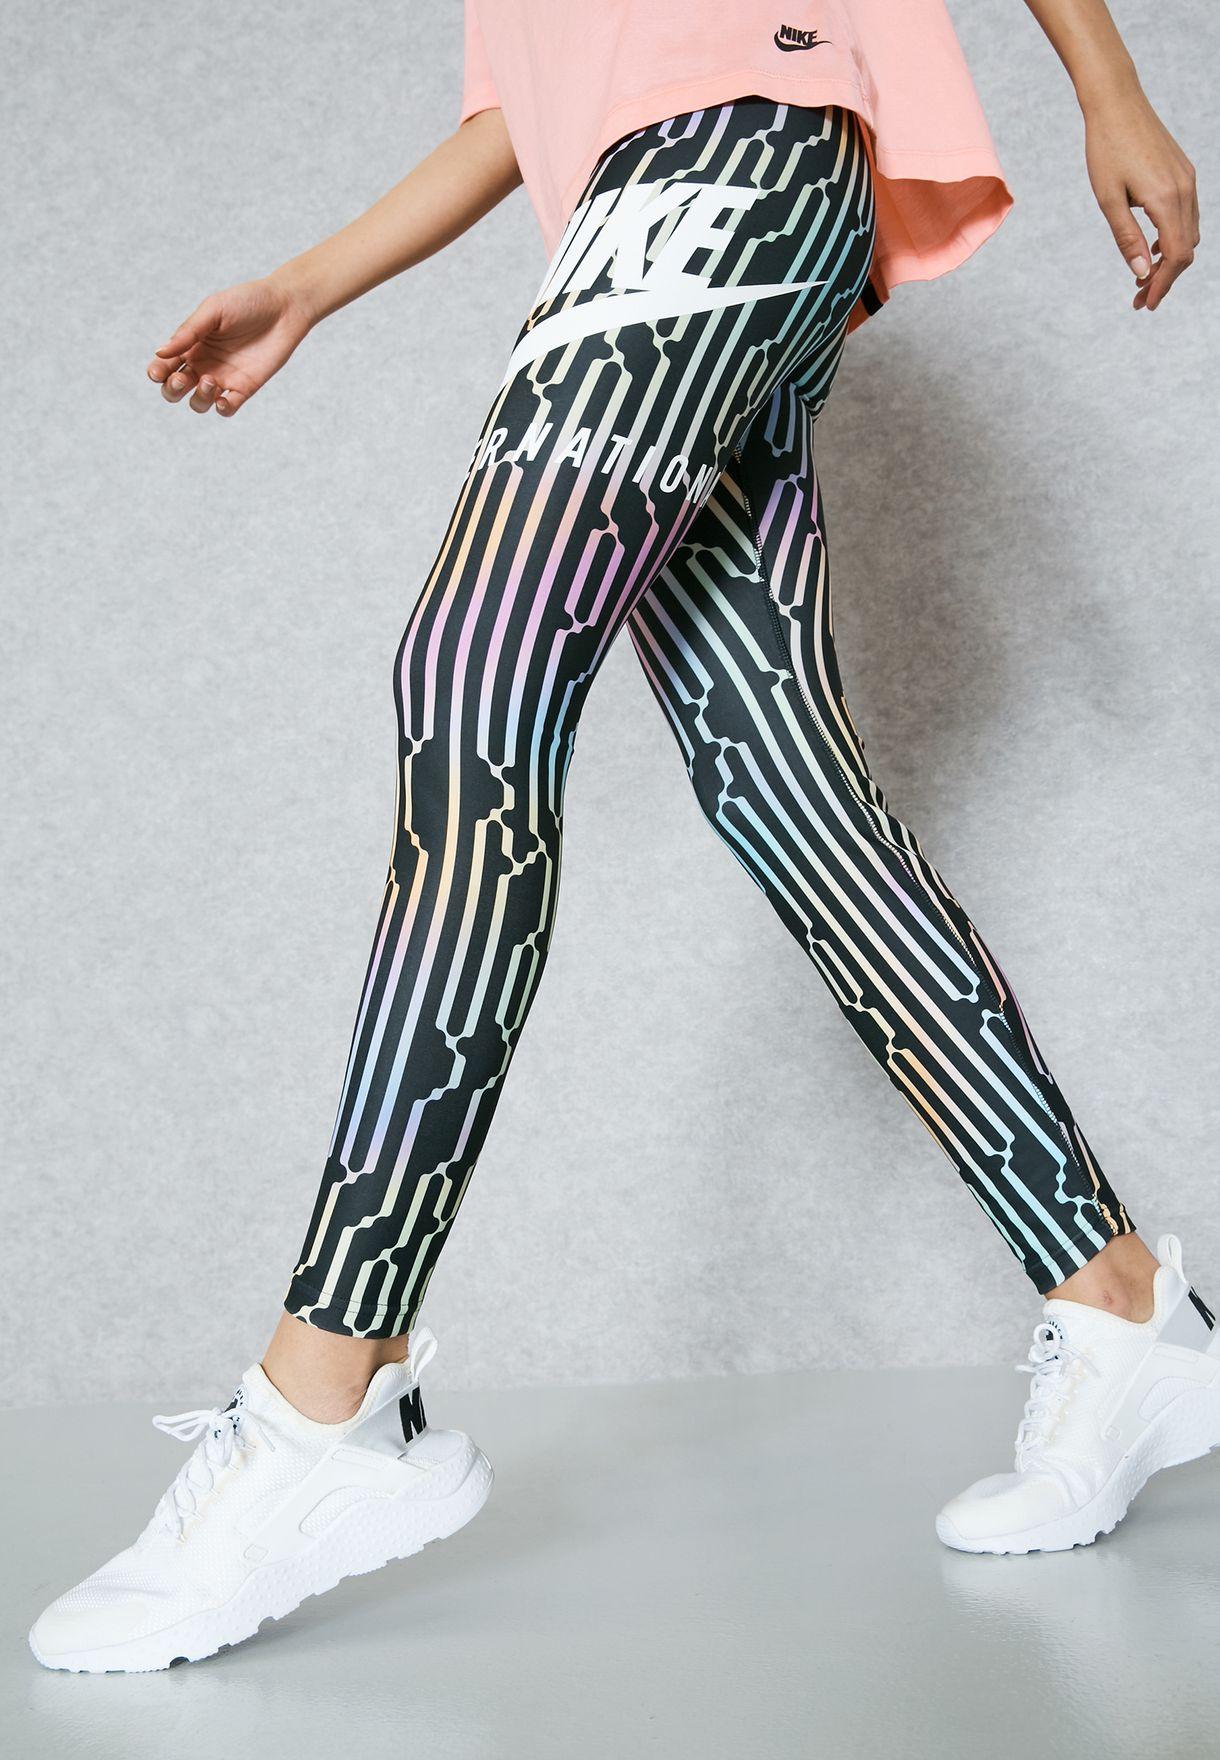 9111e7843efa3 Shop Nike prints International Leggings 881176-010 for Women in ...